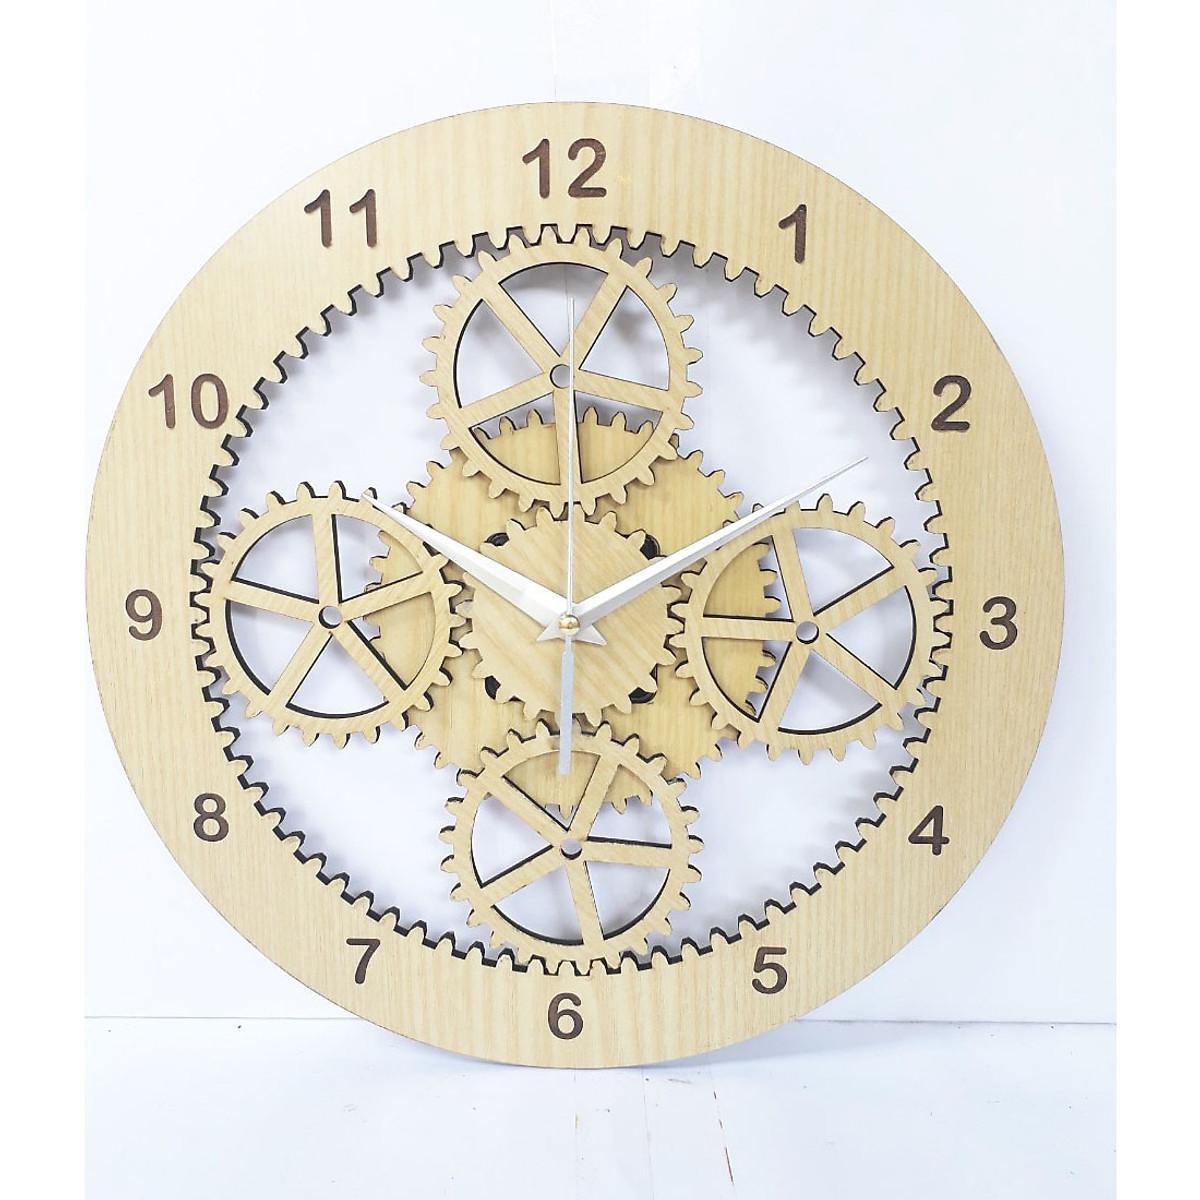 đồng hồ treo tường hình bánh răng mới lạ